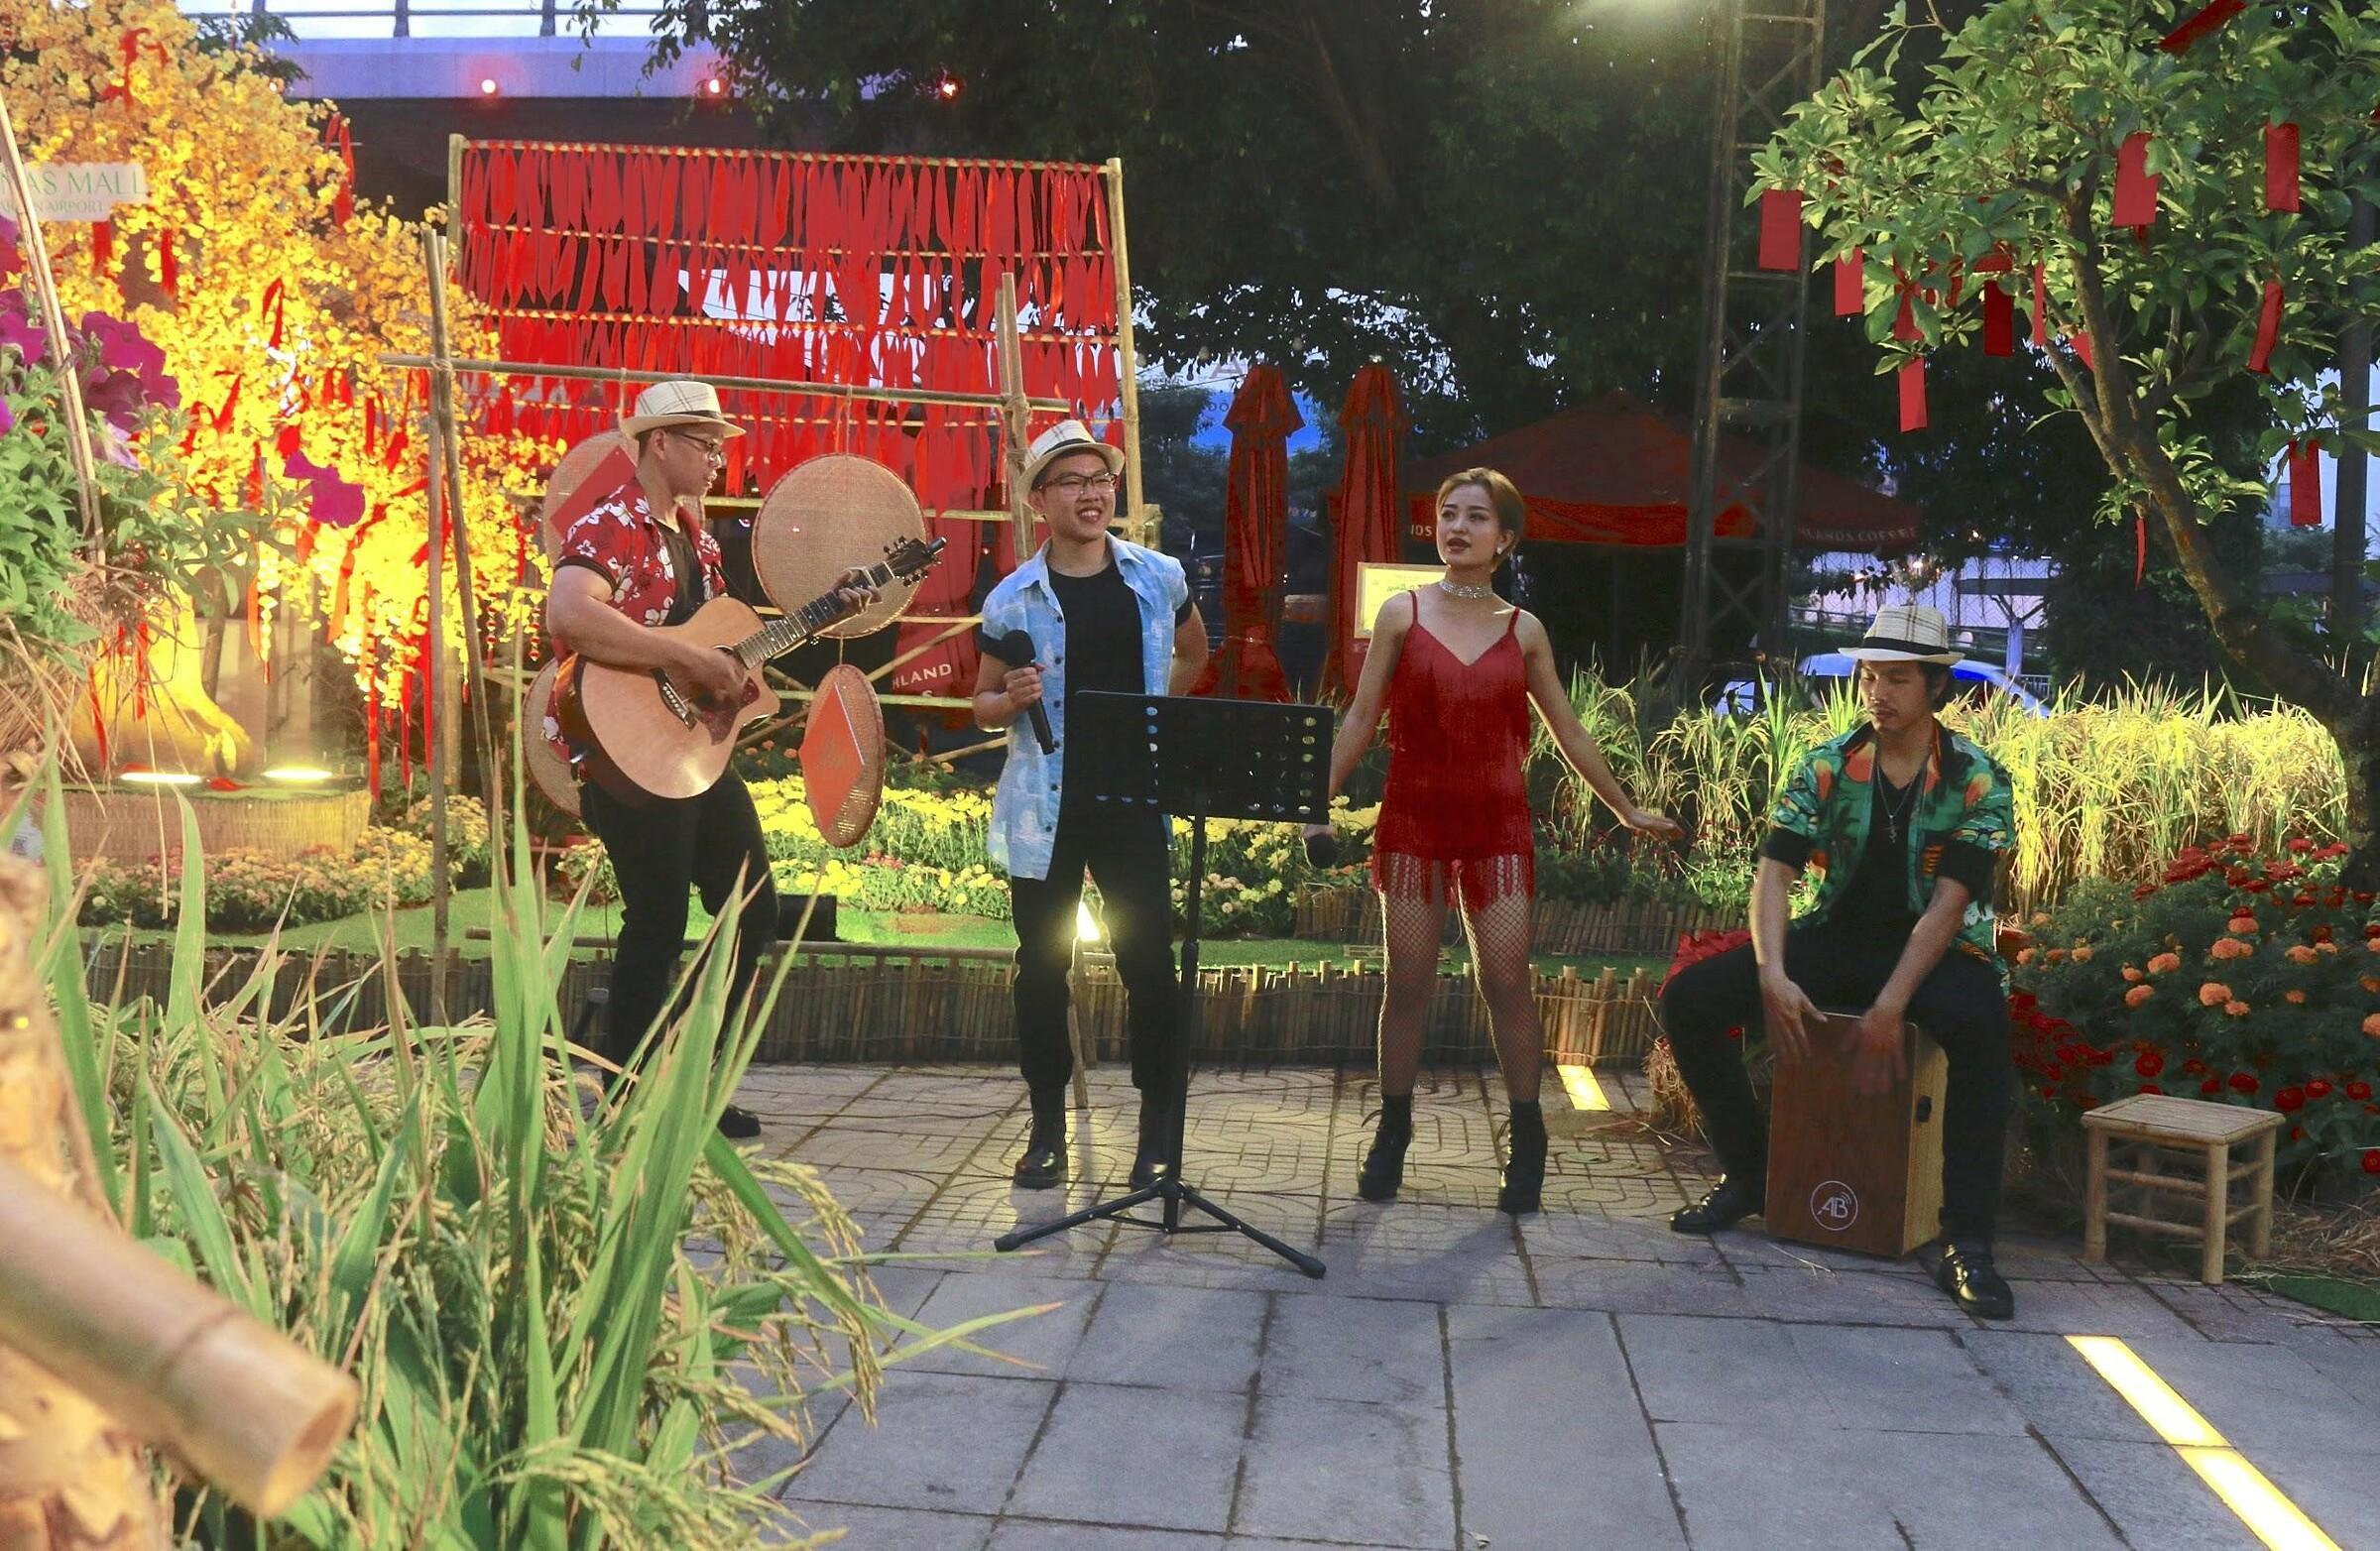 Màn đêm buông xuống cũng là lúc ban nhạc acoustic trình diễn những bài ca xuân phục vụ khách tham quan. Các tình khúc du dương lấy chủ đề năm mới như lời chúc gửi đến mọi người.